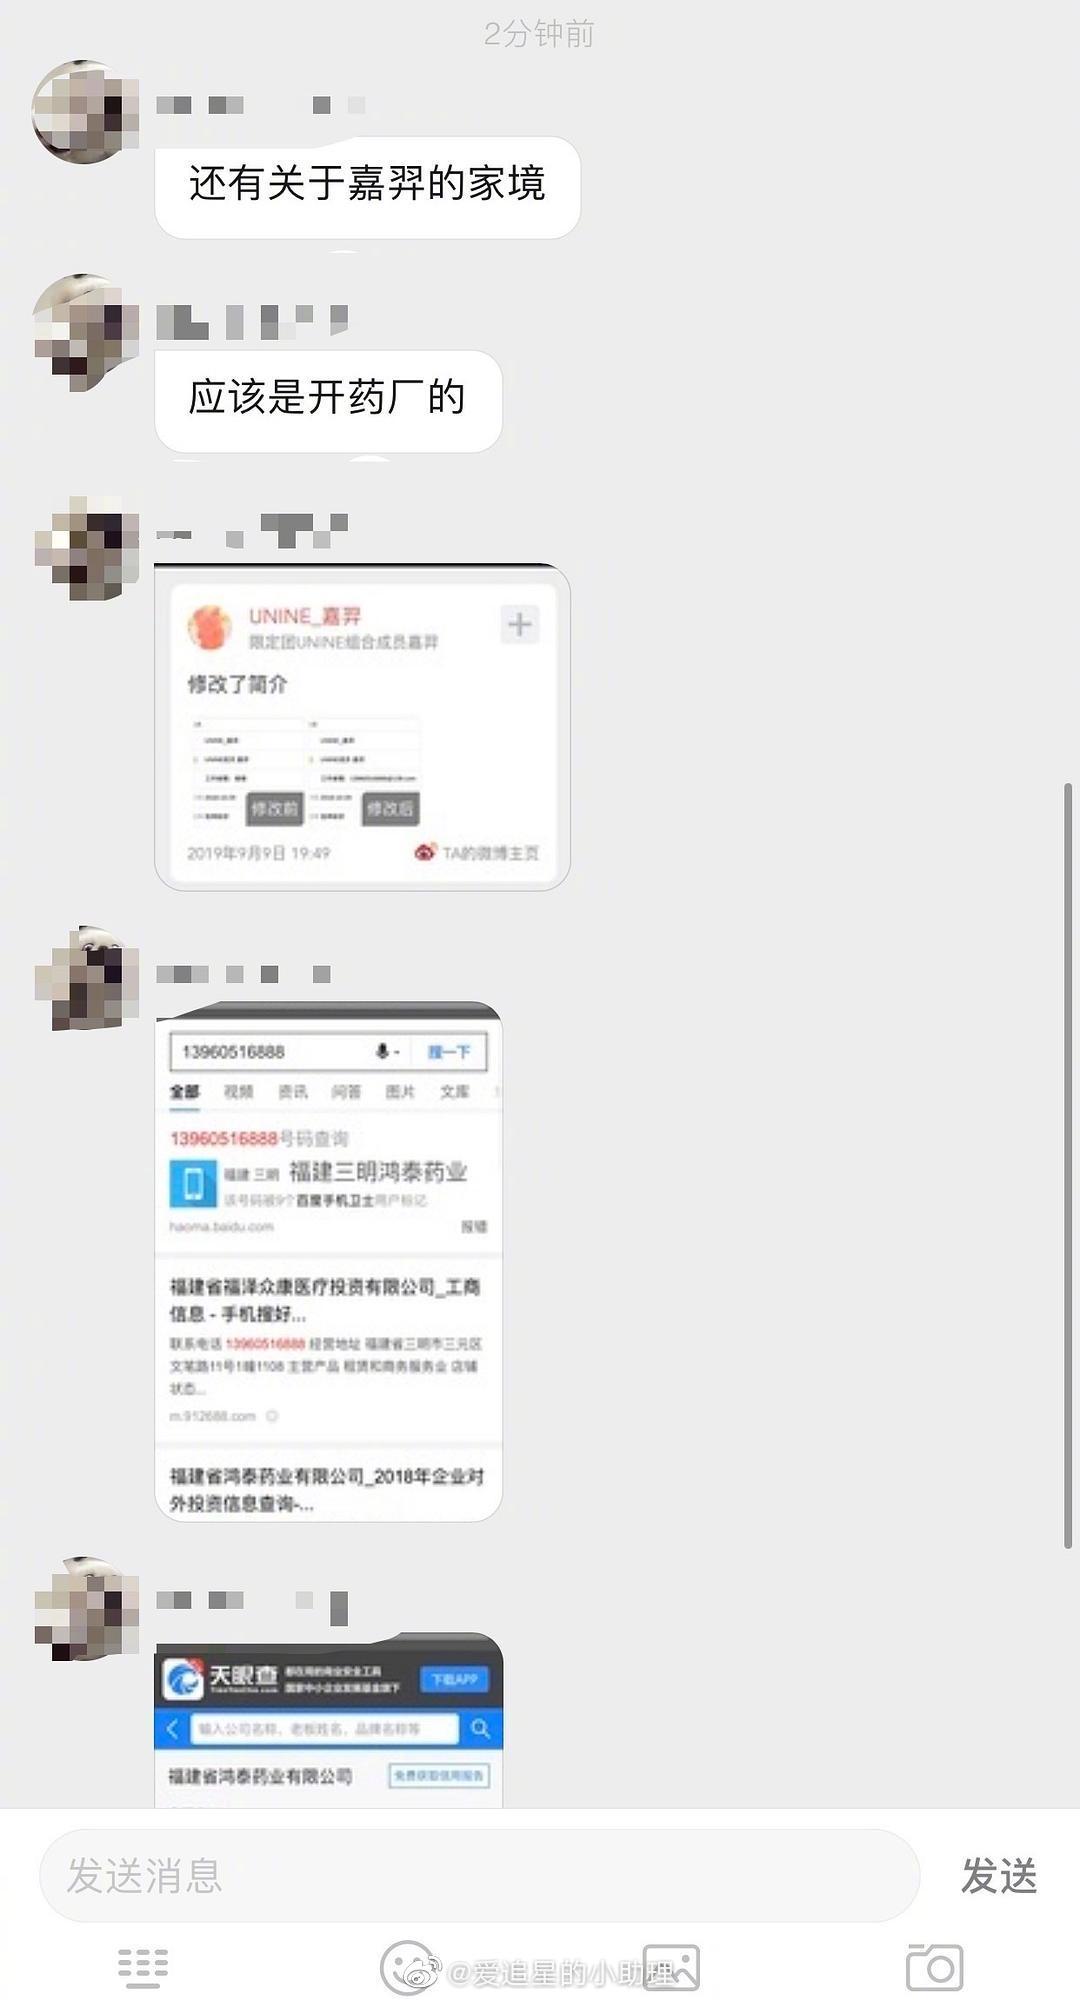 网友扒出疑似嘉羿父亲名下药厂欠债百万19年被列为失信执行人所以孔